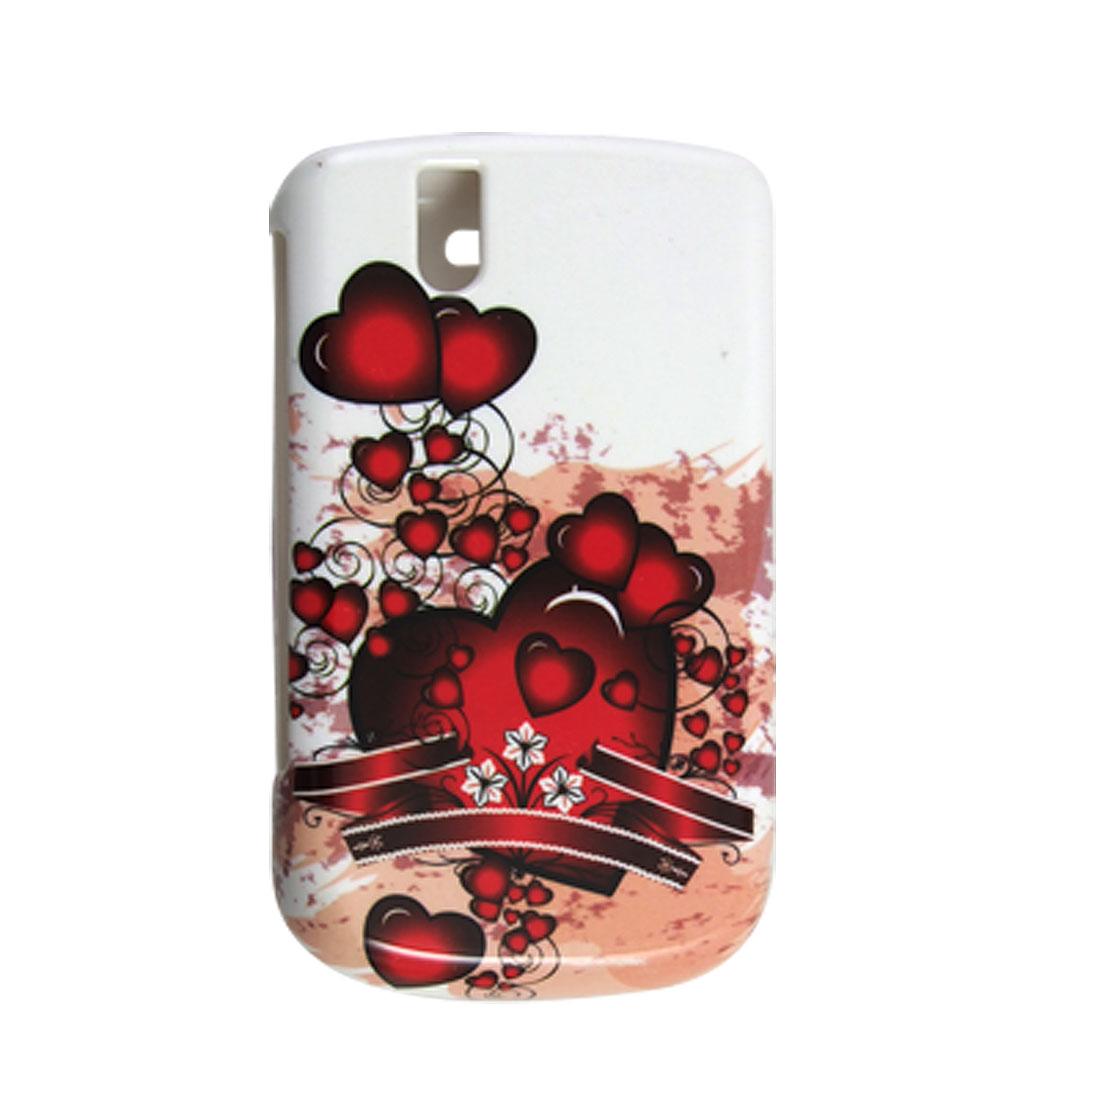 Heart Pattern White Hard Plastic Case Cover for Blackberry 9630